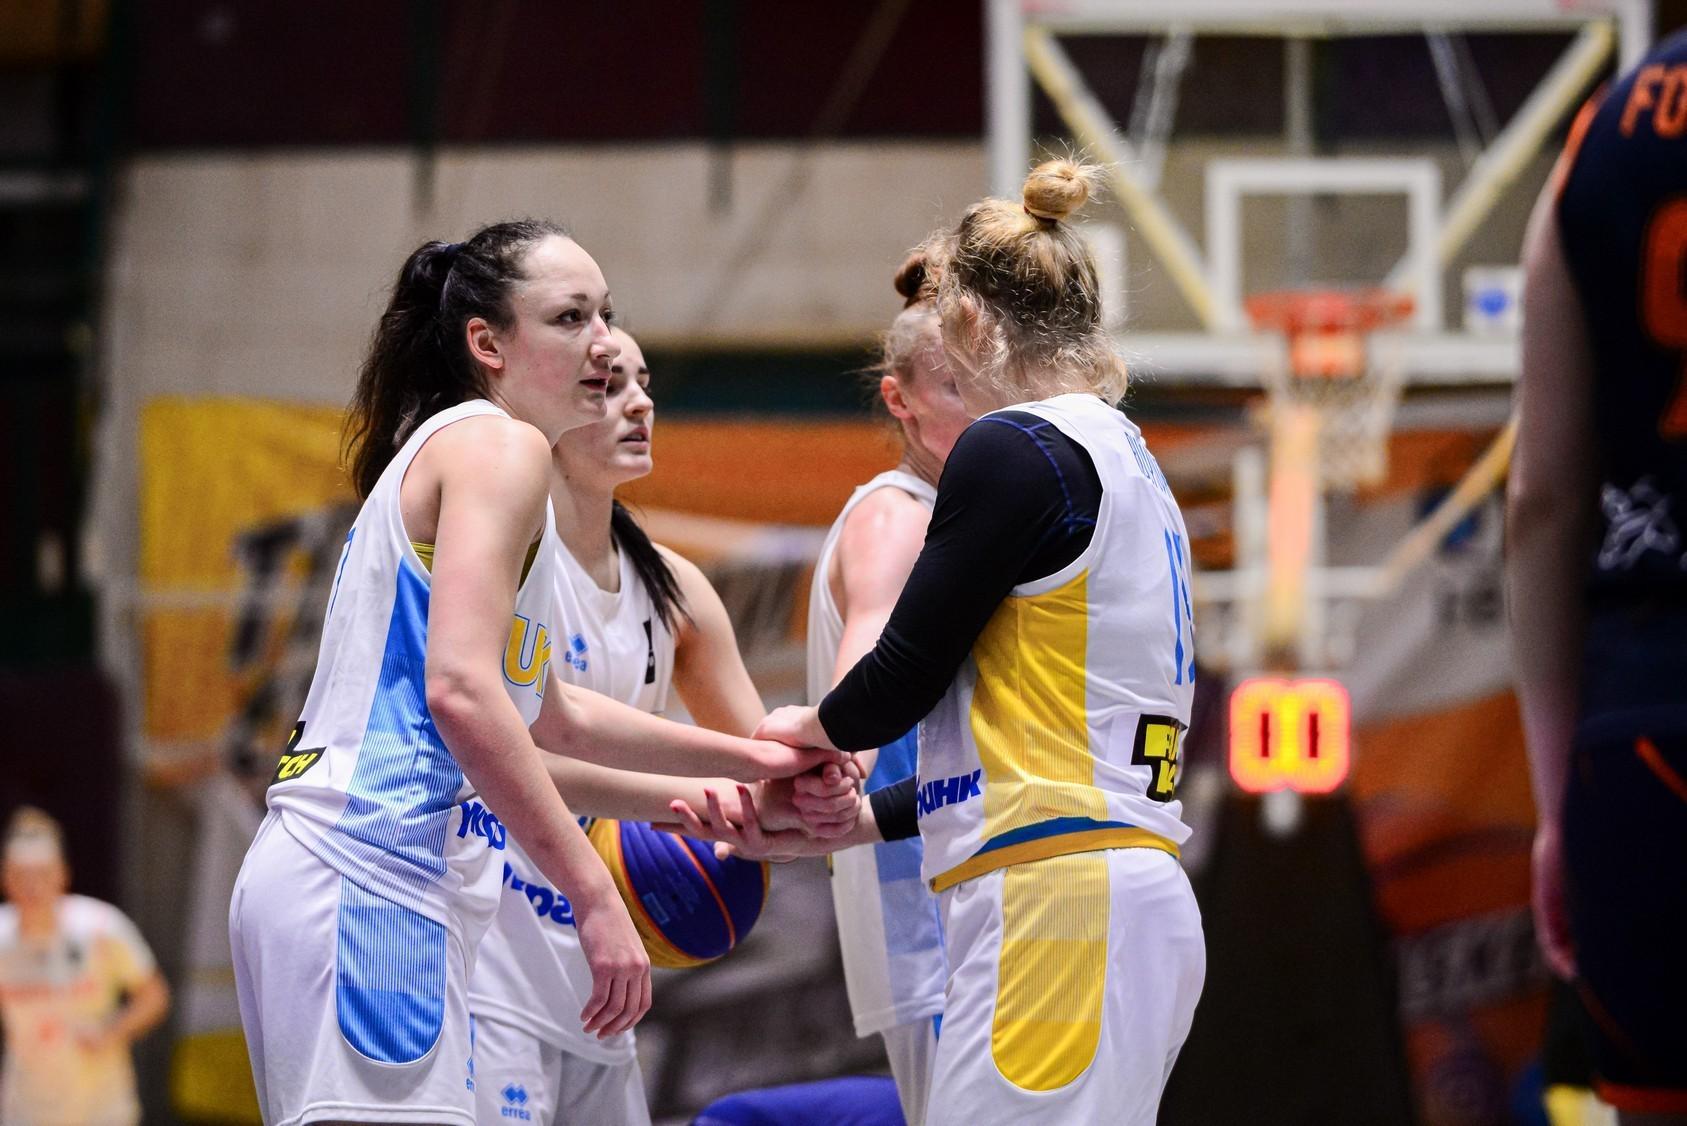 Відкрите тренування збірної з баскетболу 3х3 переноситься до ПС Венето